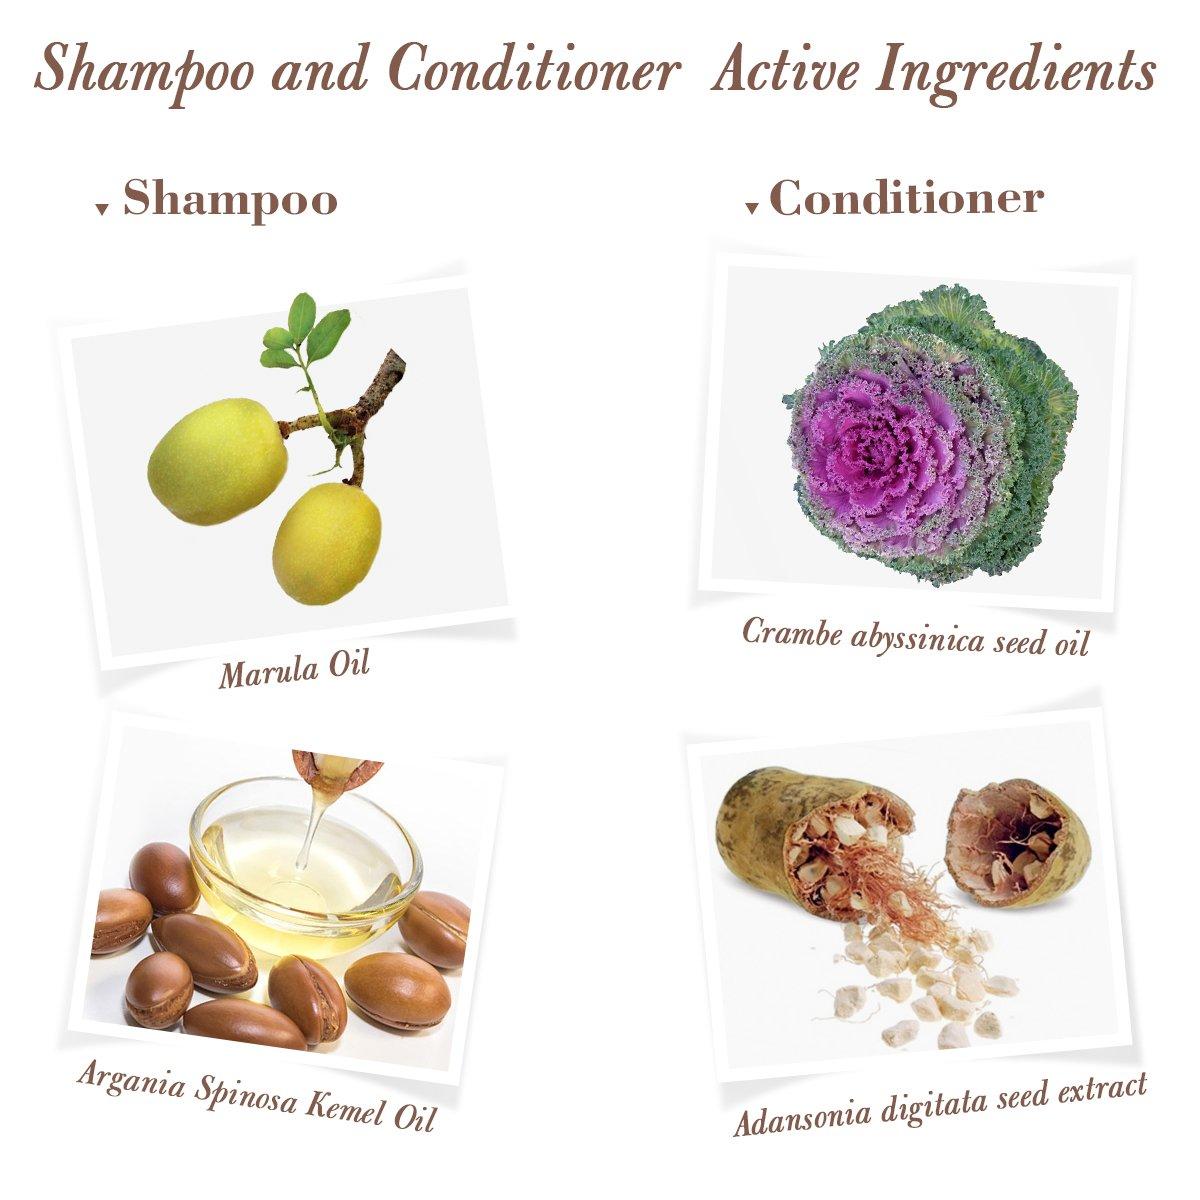 Luckyfine Kit Champú y Acondicionador - 2 botellas x 500 ml | Rico en Aceite de Marula, Tratamiento nutritivo y profunda para el cabello, reparación pelo, ...